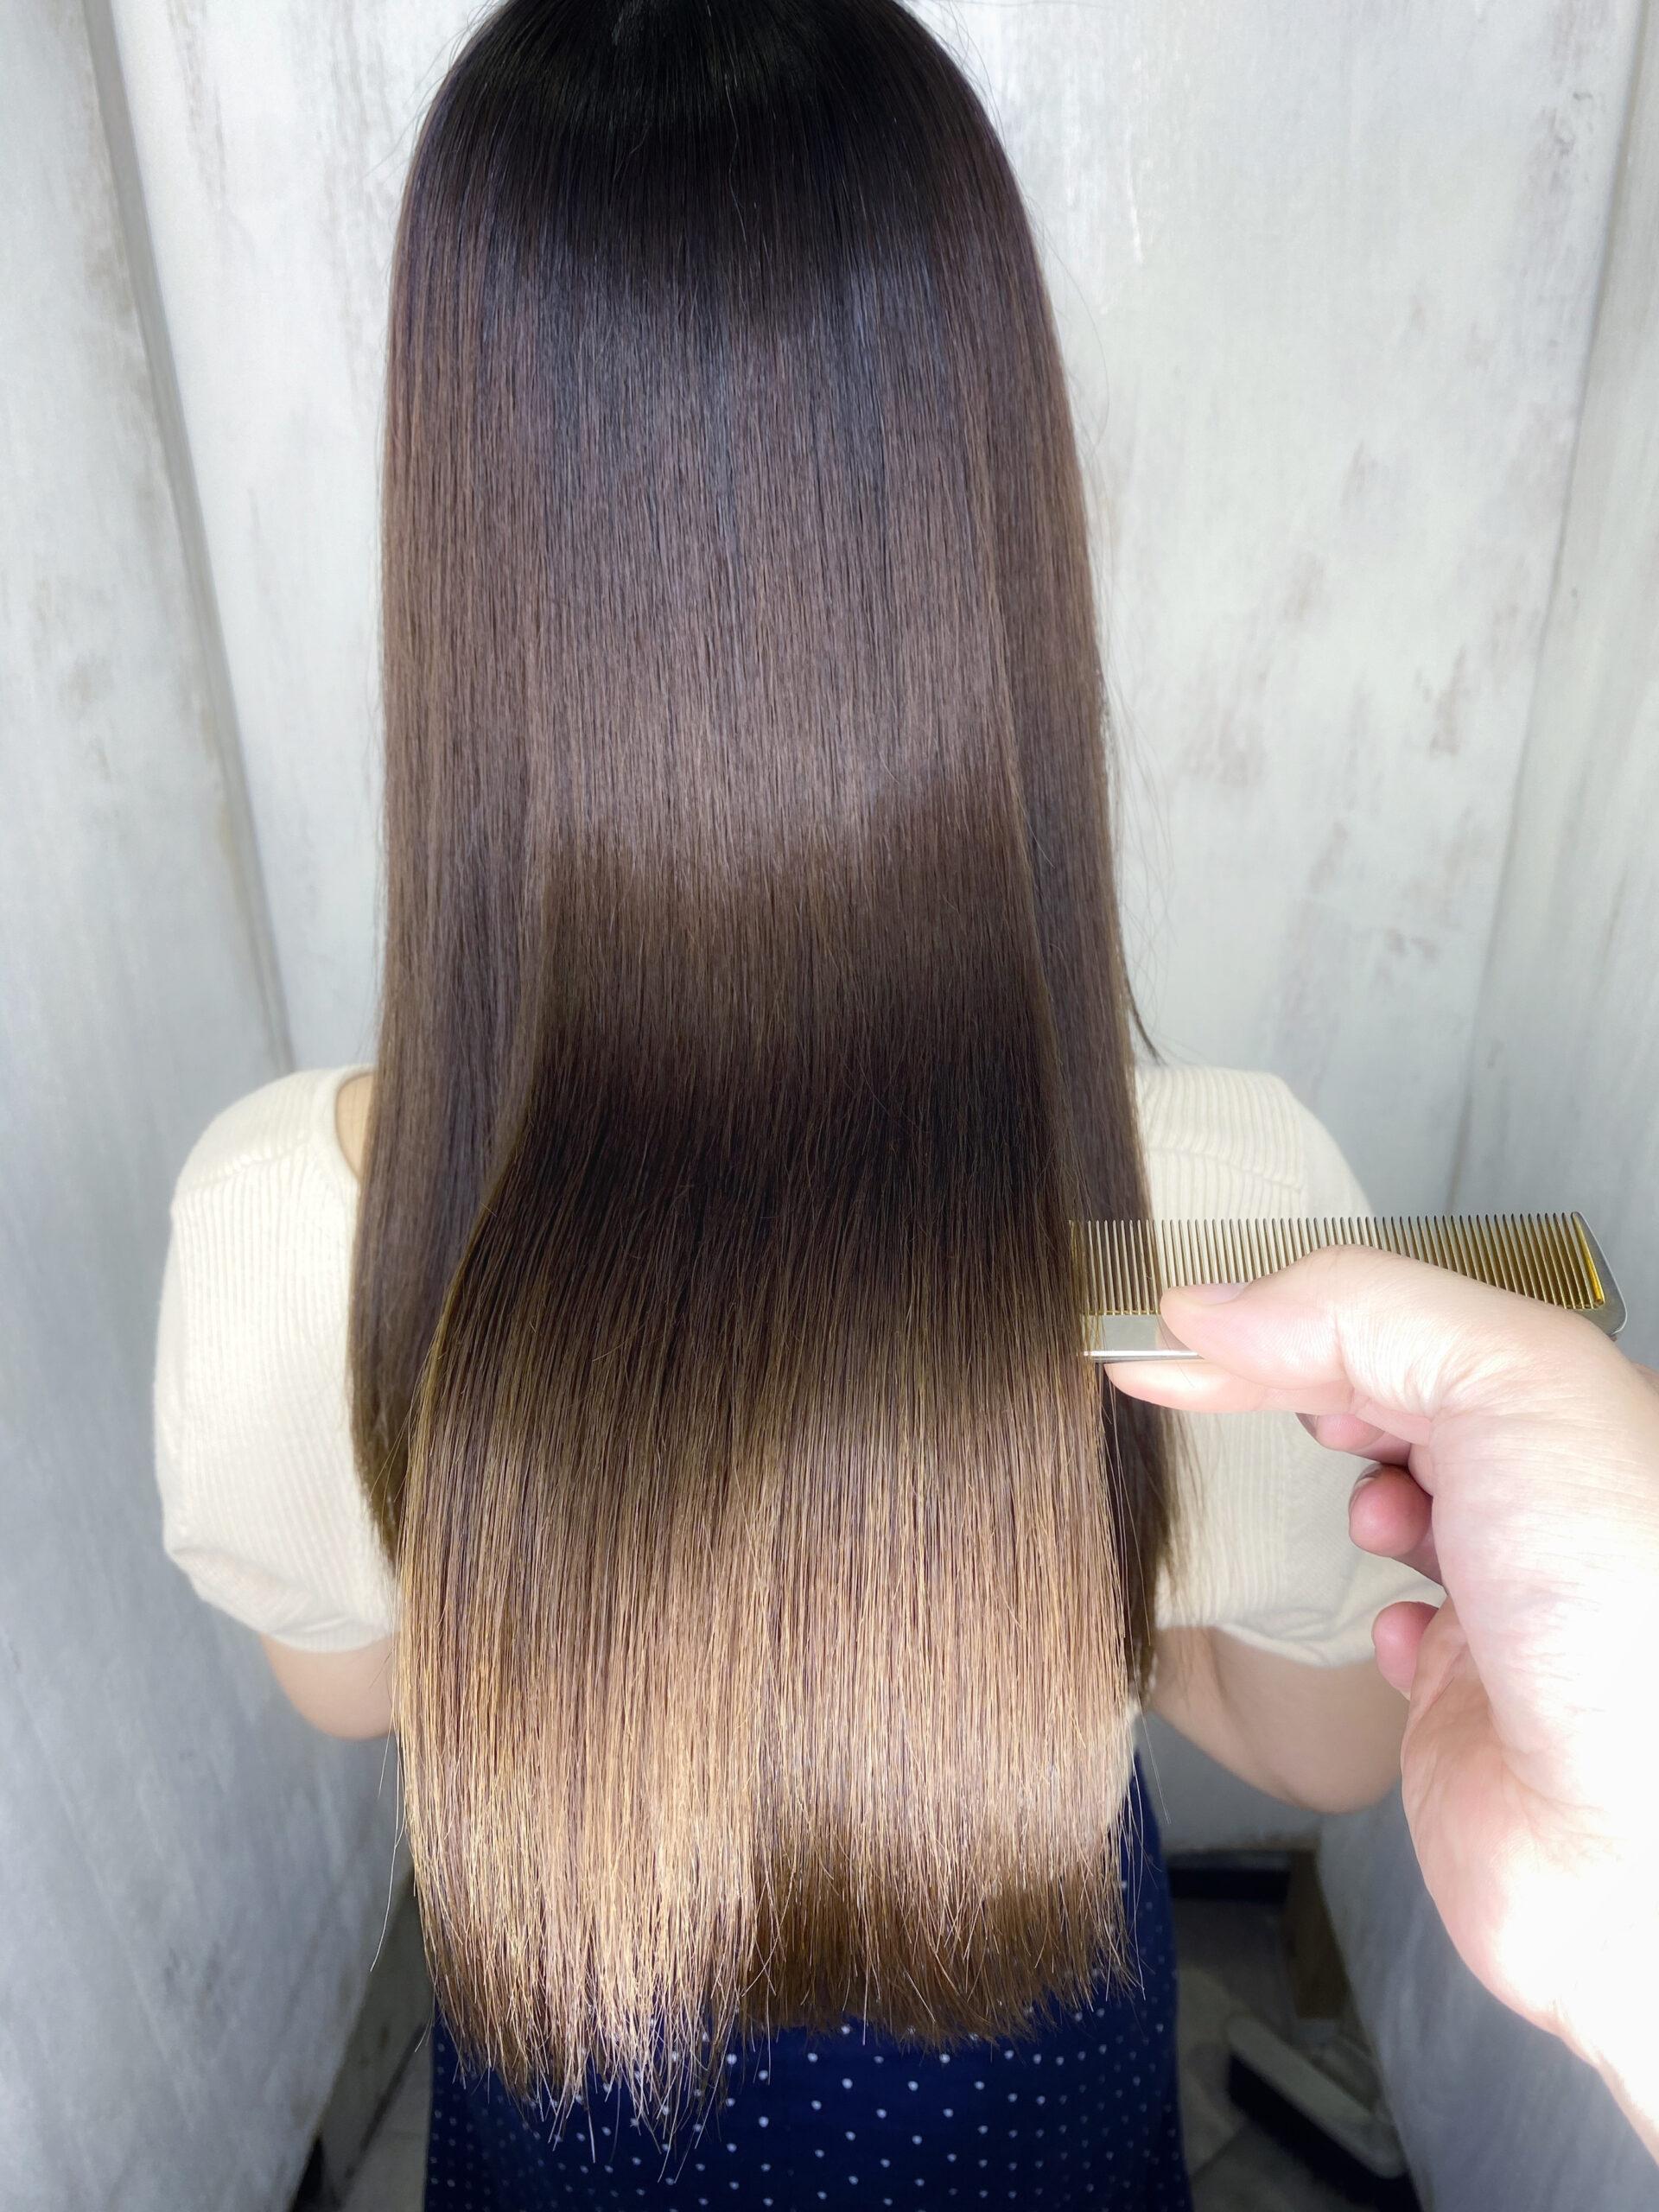 ジュエリーシステム×LULUトリートメント×縮毛矯正でブリーチと縮毛矯正の履歴がある方を艶髪ストレートに変身。